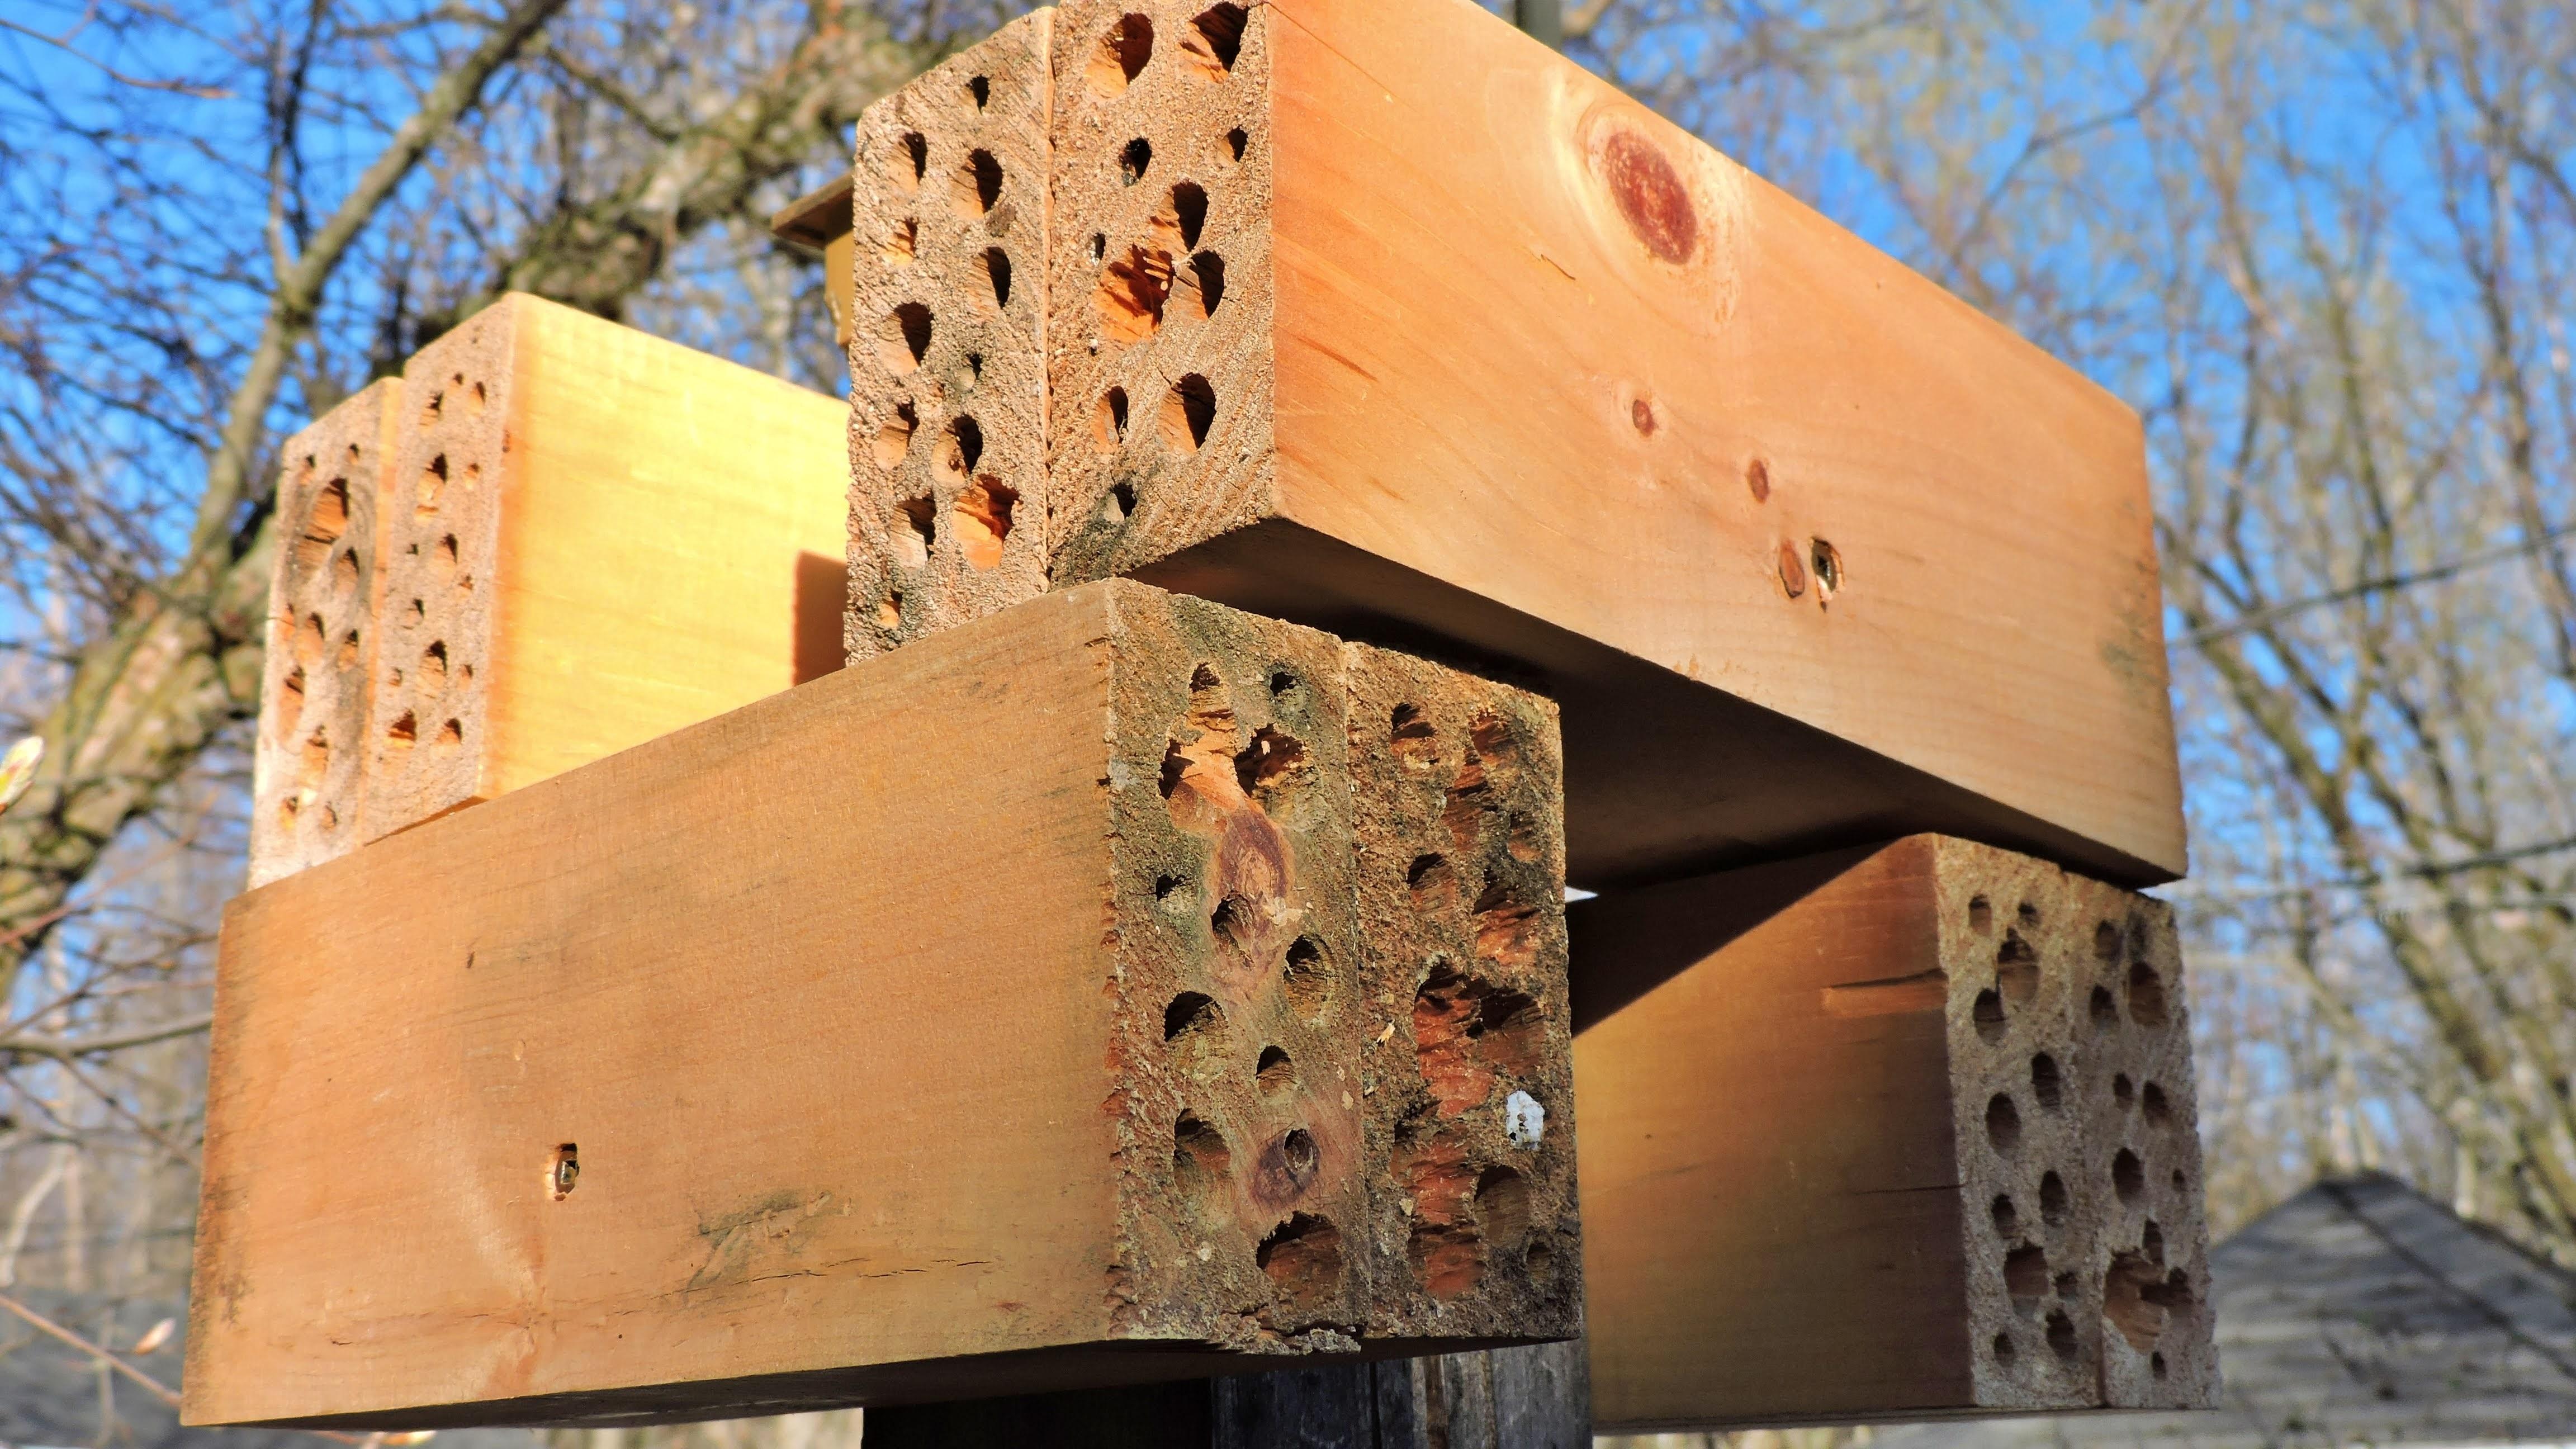 Condos pour abeilles sauvages